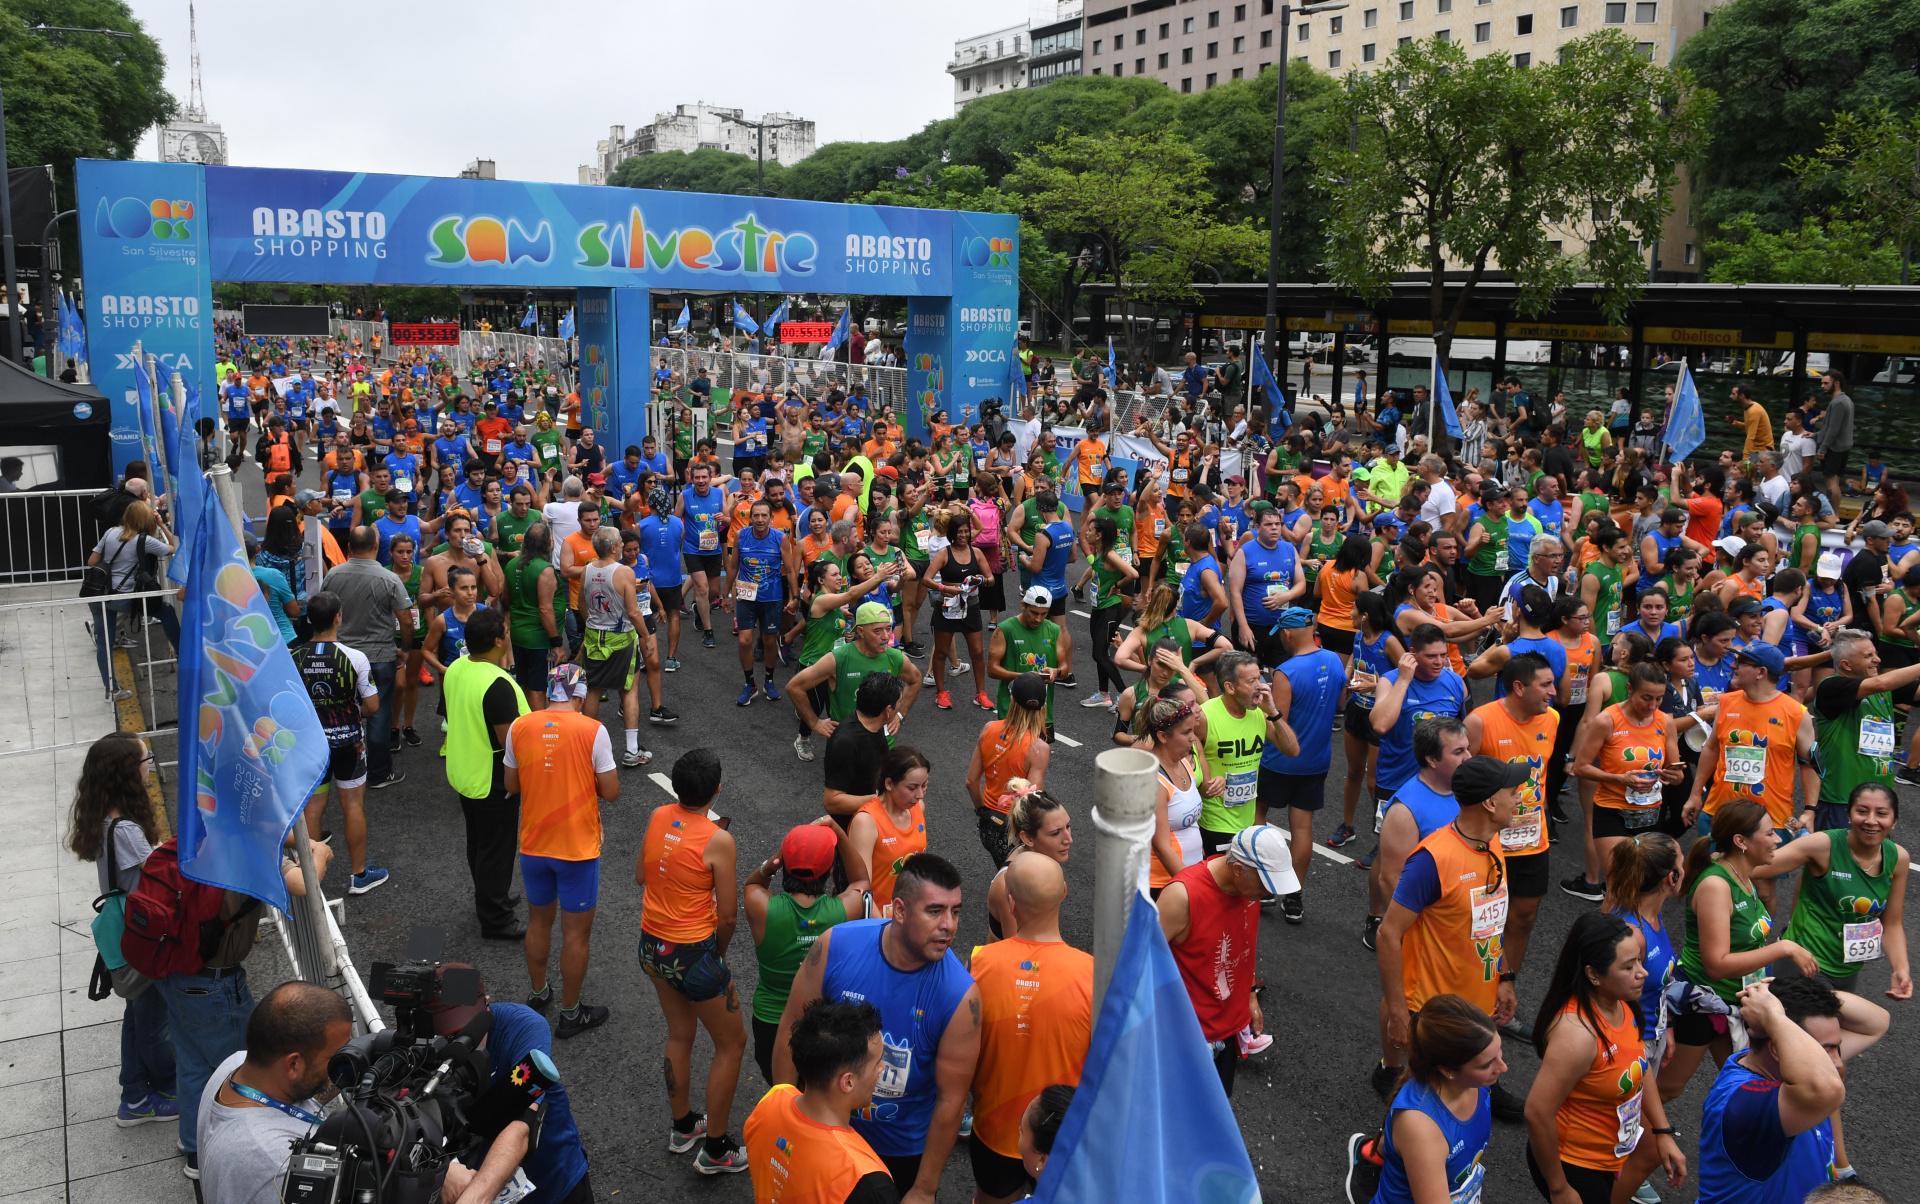 Fueron más de 12 mil personas las que asistieron a la última maratón del año en Buenos Aires (Maximiliano Luna)